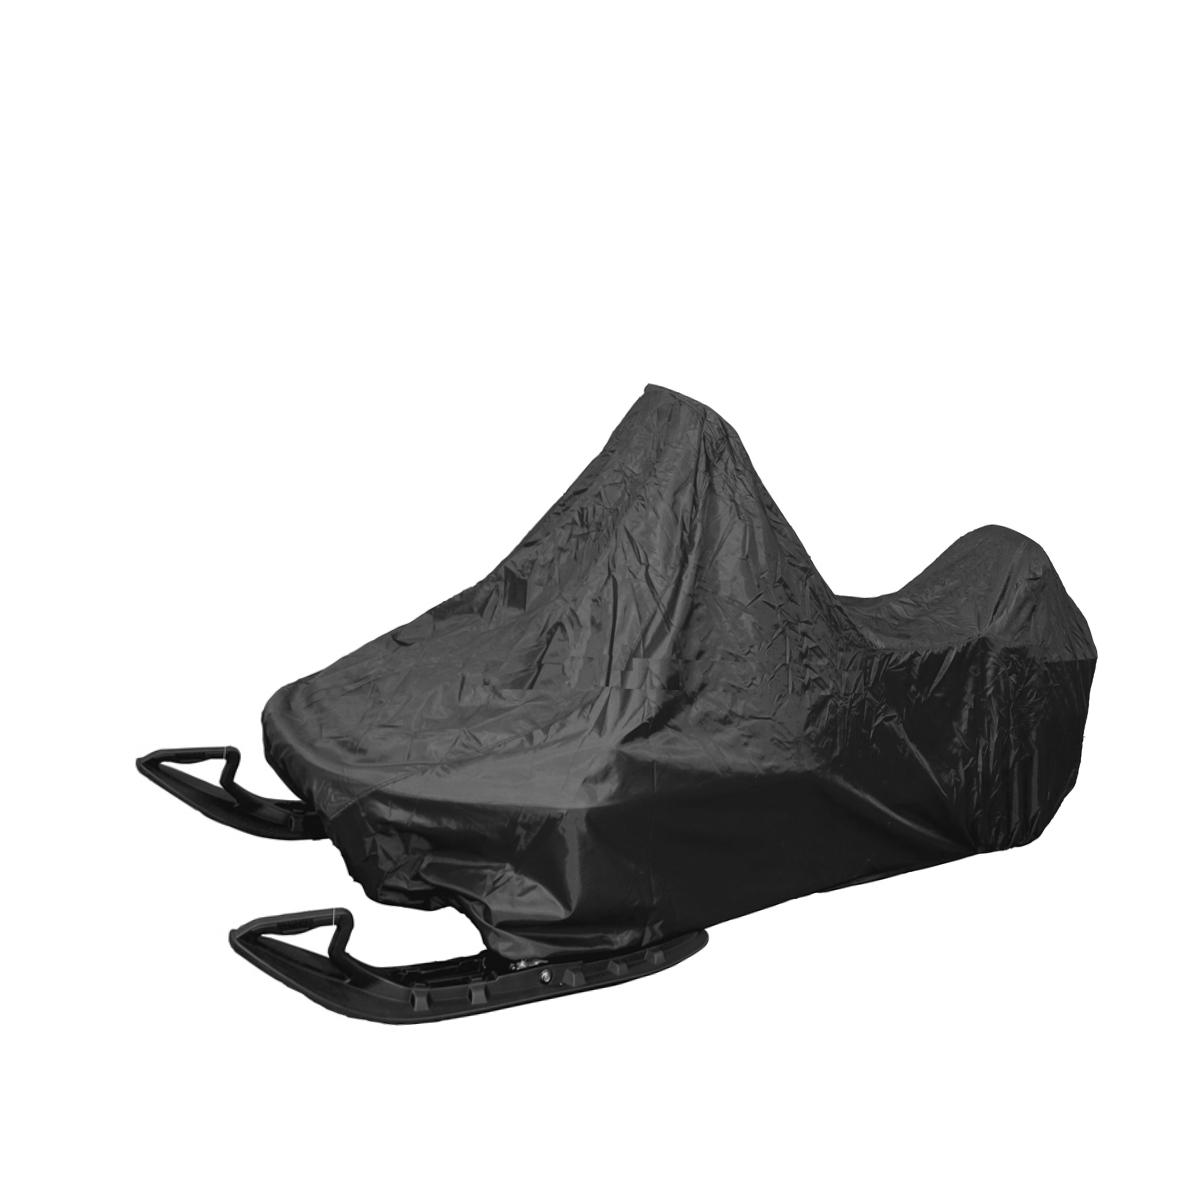 Чехол AG-brand, для снегохода Yamaha Viking 540, цвет: черныйK100Чехол AG-brand предназначен для хранения и транспортировки снегохода Yamaha Viking 540. Он изготовлен из высокопрочной прочной ткани с высоким показателем водоупорности. По нижней кромке чехла вшита плотная резинка, обеспечивающая надежную фиксацию. В комплект транспортировочного чехла входит прочная текстильная стропа для крепления техники в прицепе или специальном боксе для перевозки.Чтобы любое транспортное средство служило долгие годы, необходимо не только соблюдать все правила его эксплуатации, но и правильно его хранить. Негативное влияние на состояние техники оказывают прямые солнечные лучи, влага, пыль, которые не только могут вызвать коррозию внешних металлических поверхностей, но и вывести из строя внутренние механизмы транспортных средств. Необходимо создать условия для снижения воздействия этих негативных факторов. Именно для этого и предназначены чехлы. Мешок для транспортировки и хранения входит в комплект.